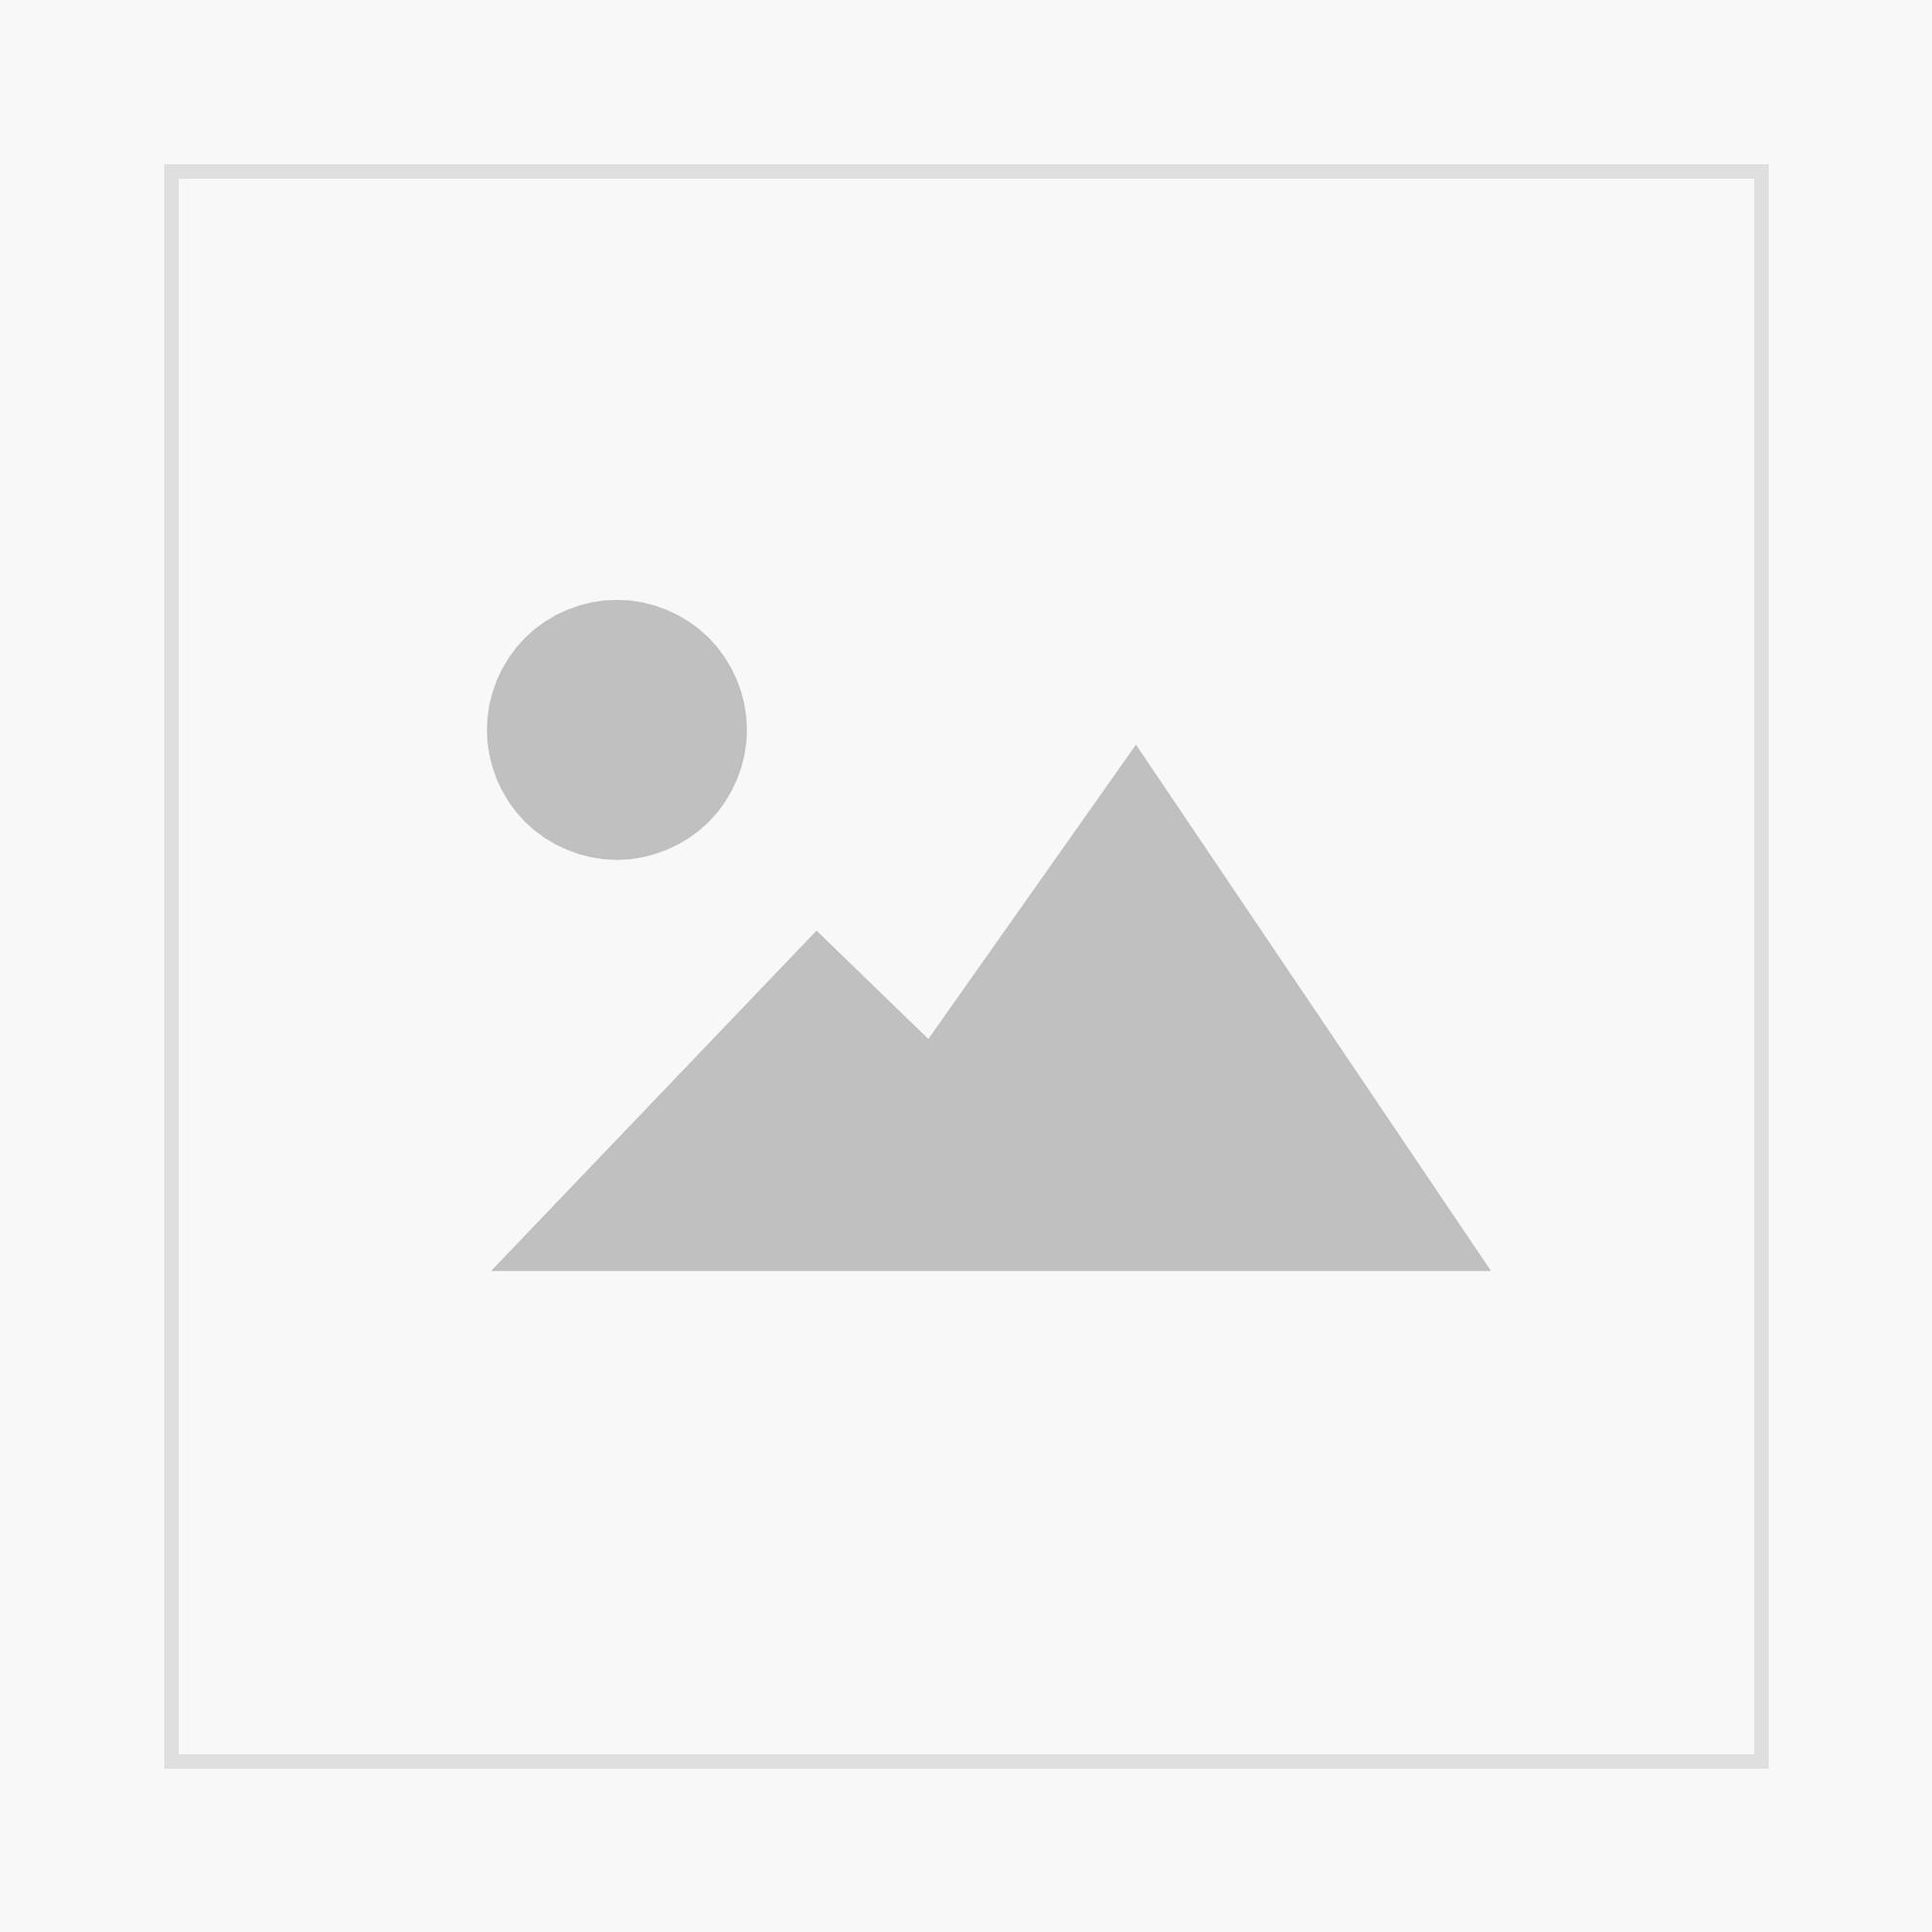 ALÖ Heft 48: Verbesserung der Renaturierungsmöglichkeiten bei Abbauvorhaben